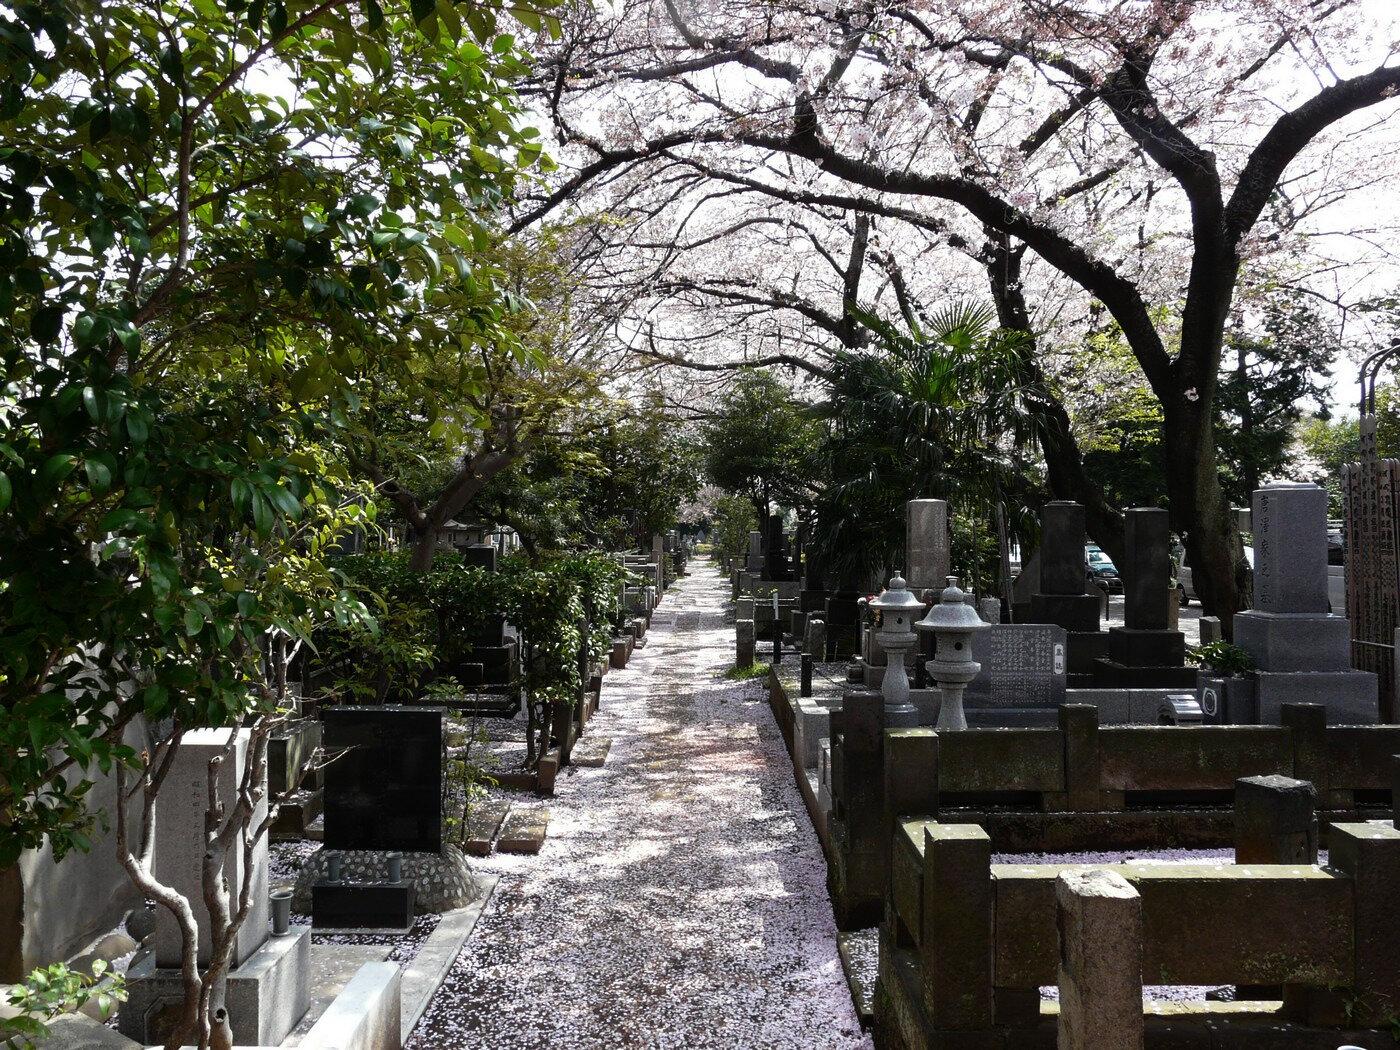 les cerisiers en fleurs dans les cimeti res japonais mon amour pour le japon et t ky. Black Bedroom Furniture Sets. Home Design Ideas